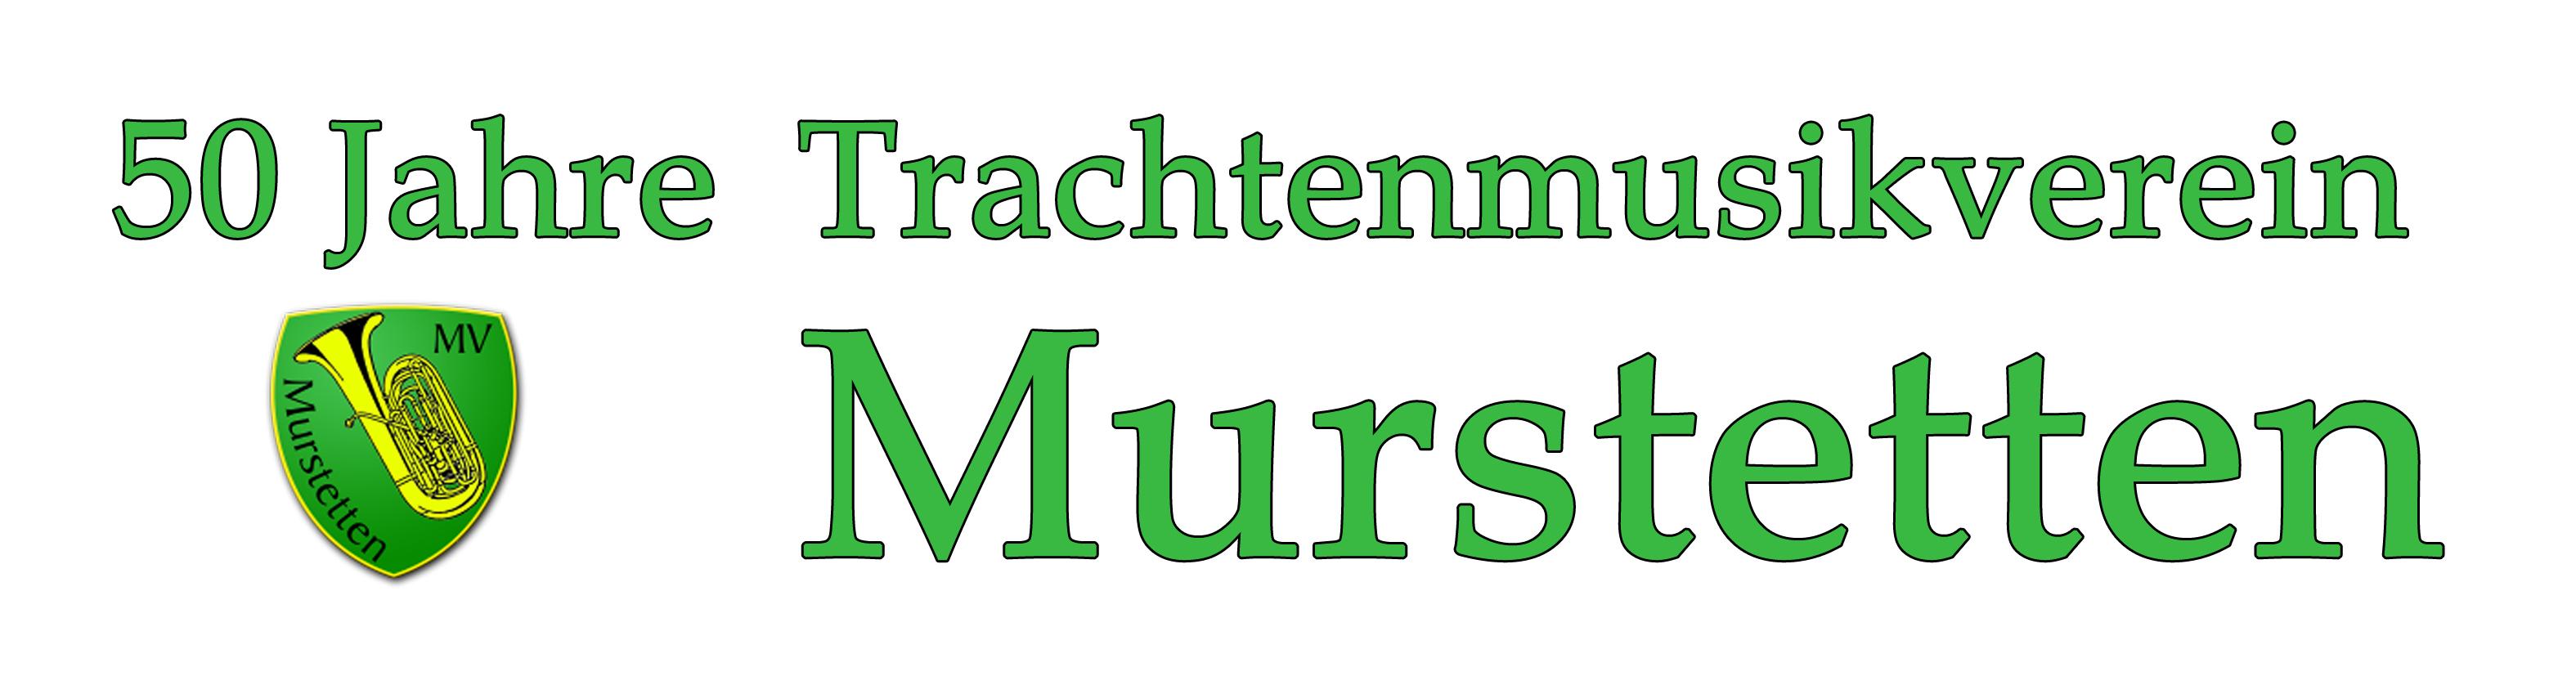 50 Jahre Trachtenmusikverein Murstetten